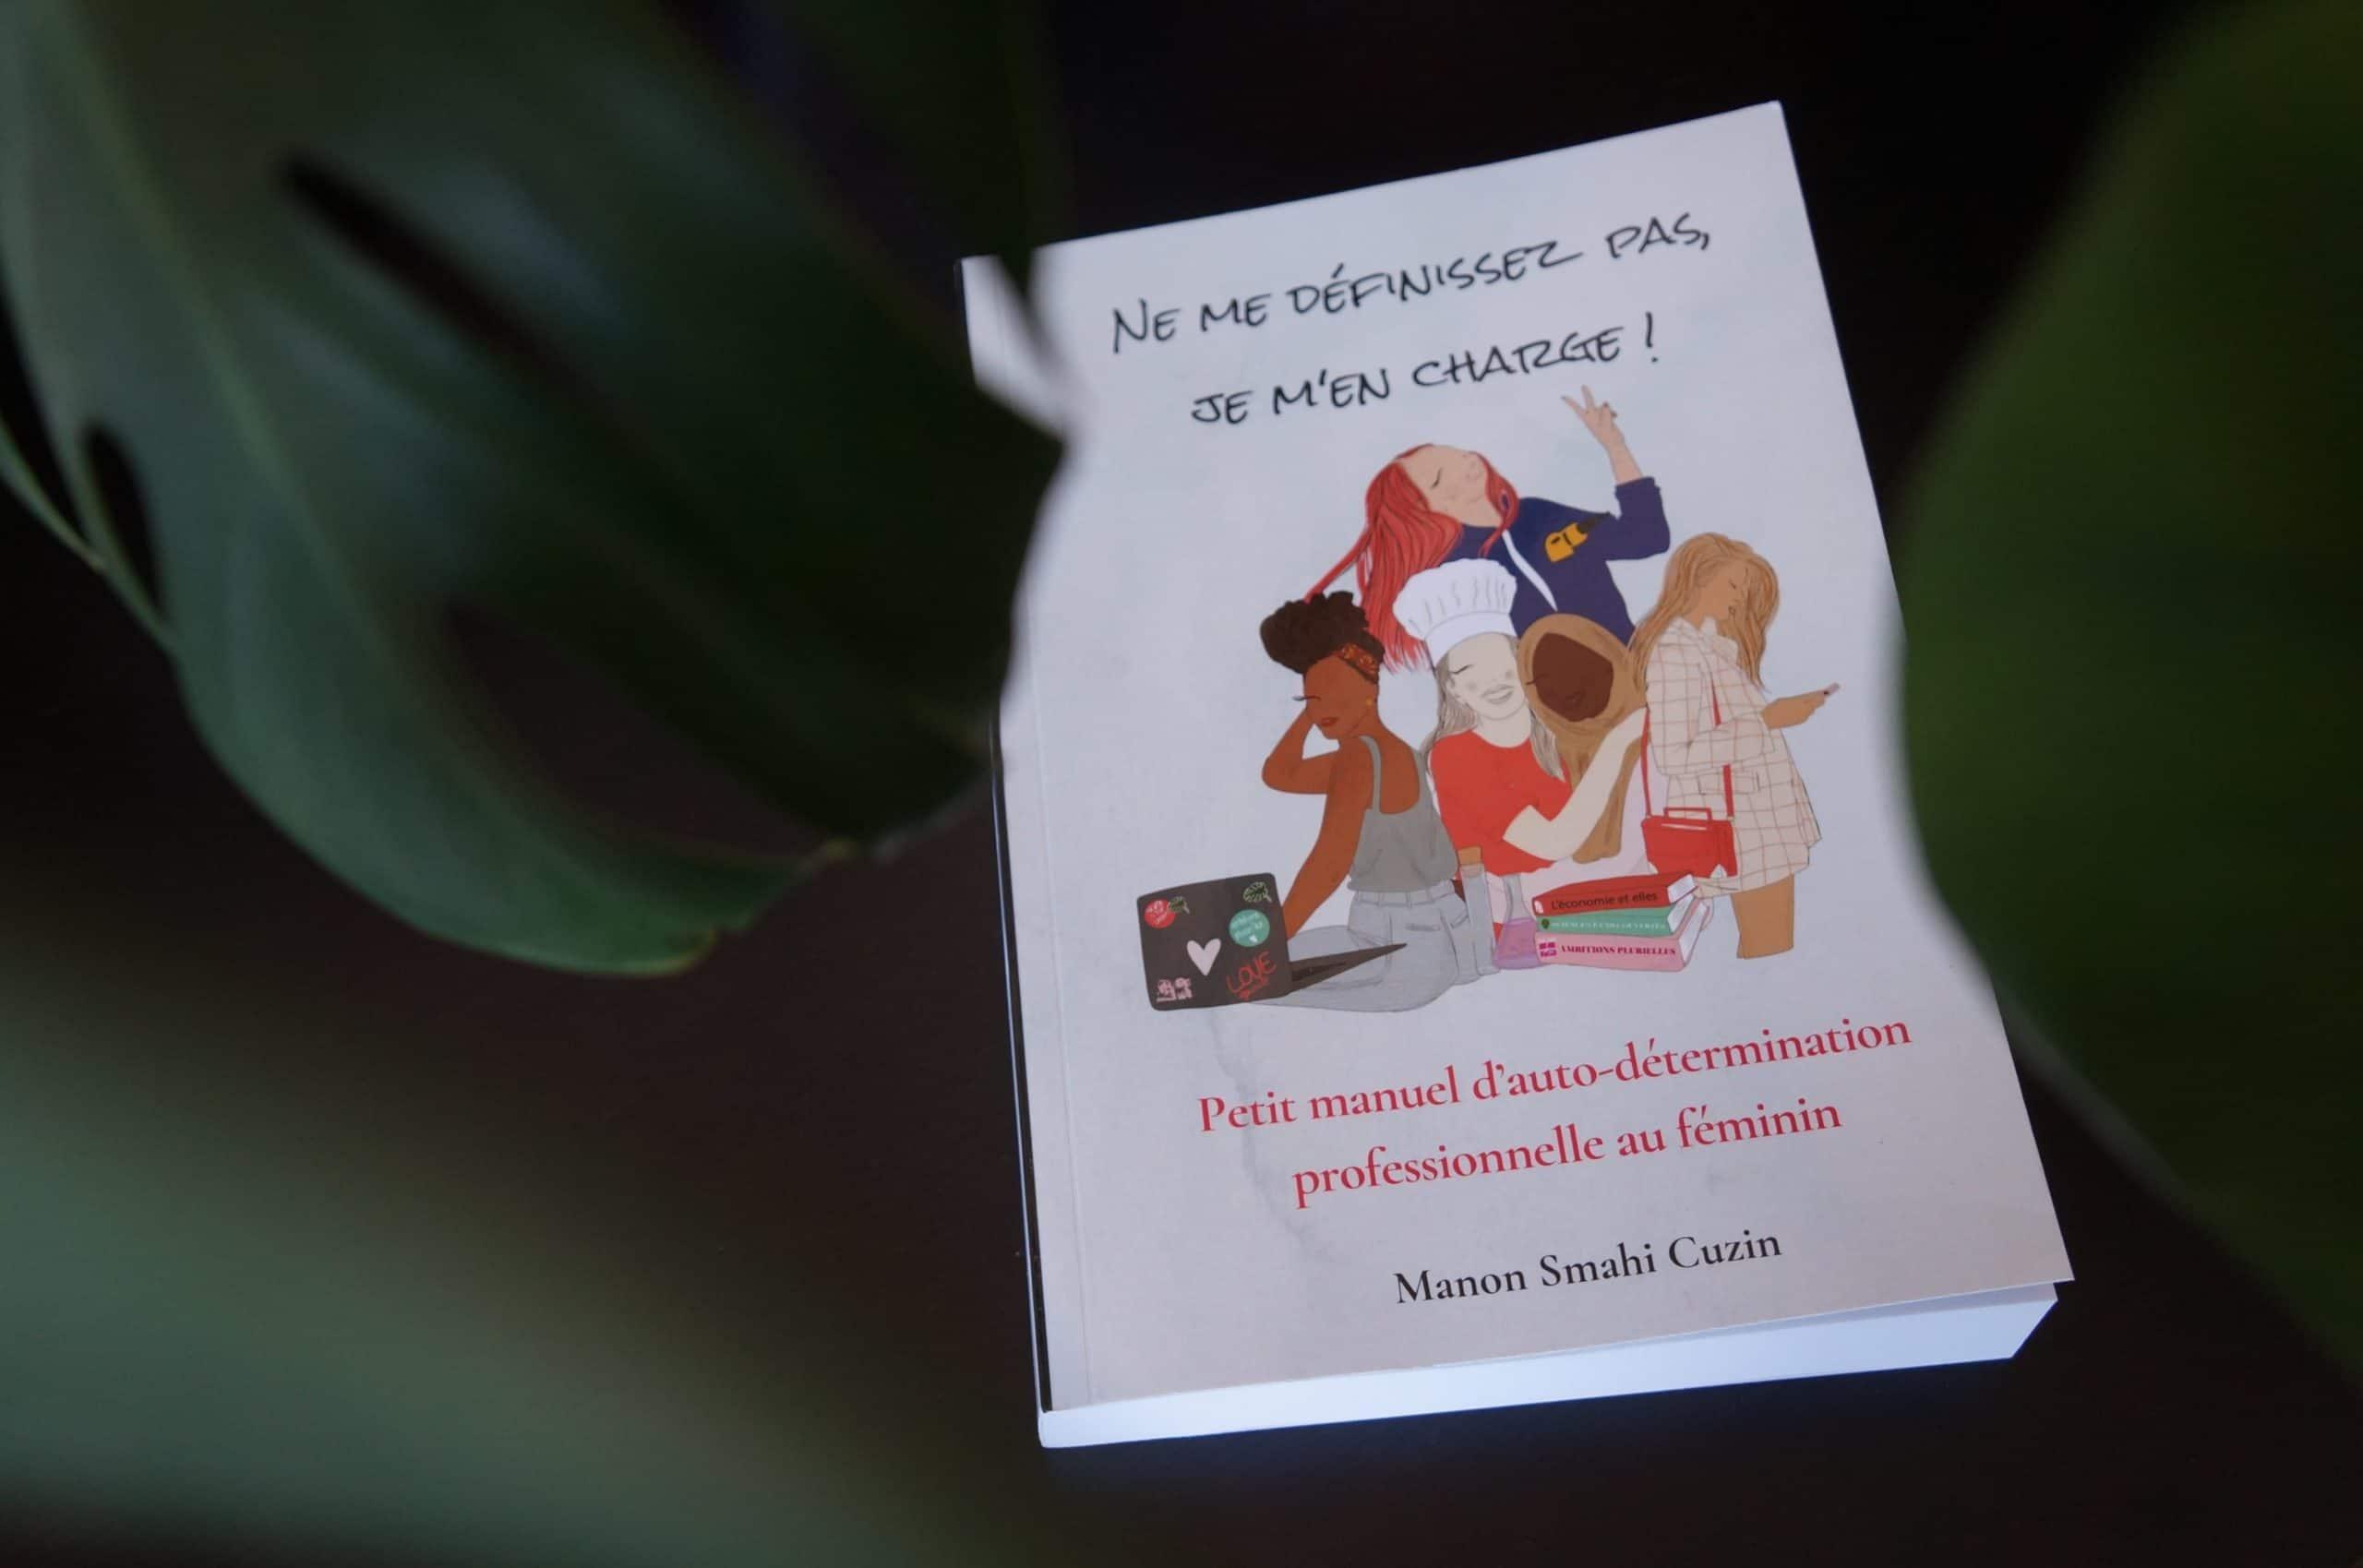 Le livre : «Ne me définissez pas, je m'en charge !» Petit manuel d'auto-détermination professionnelle au féminin